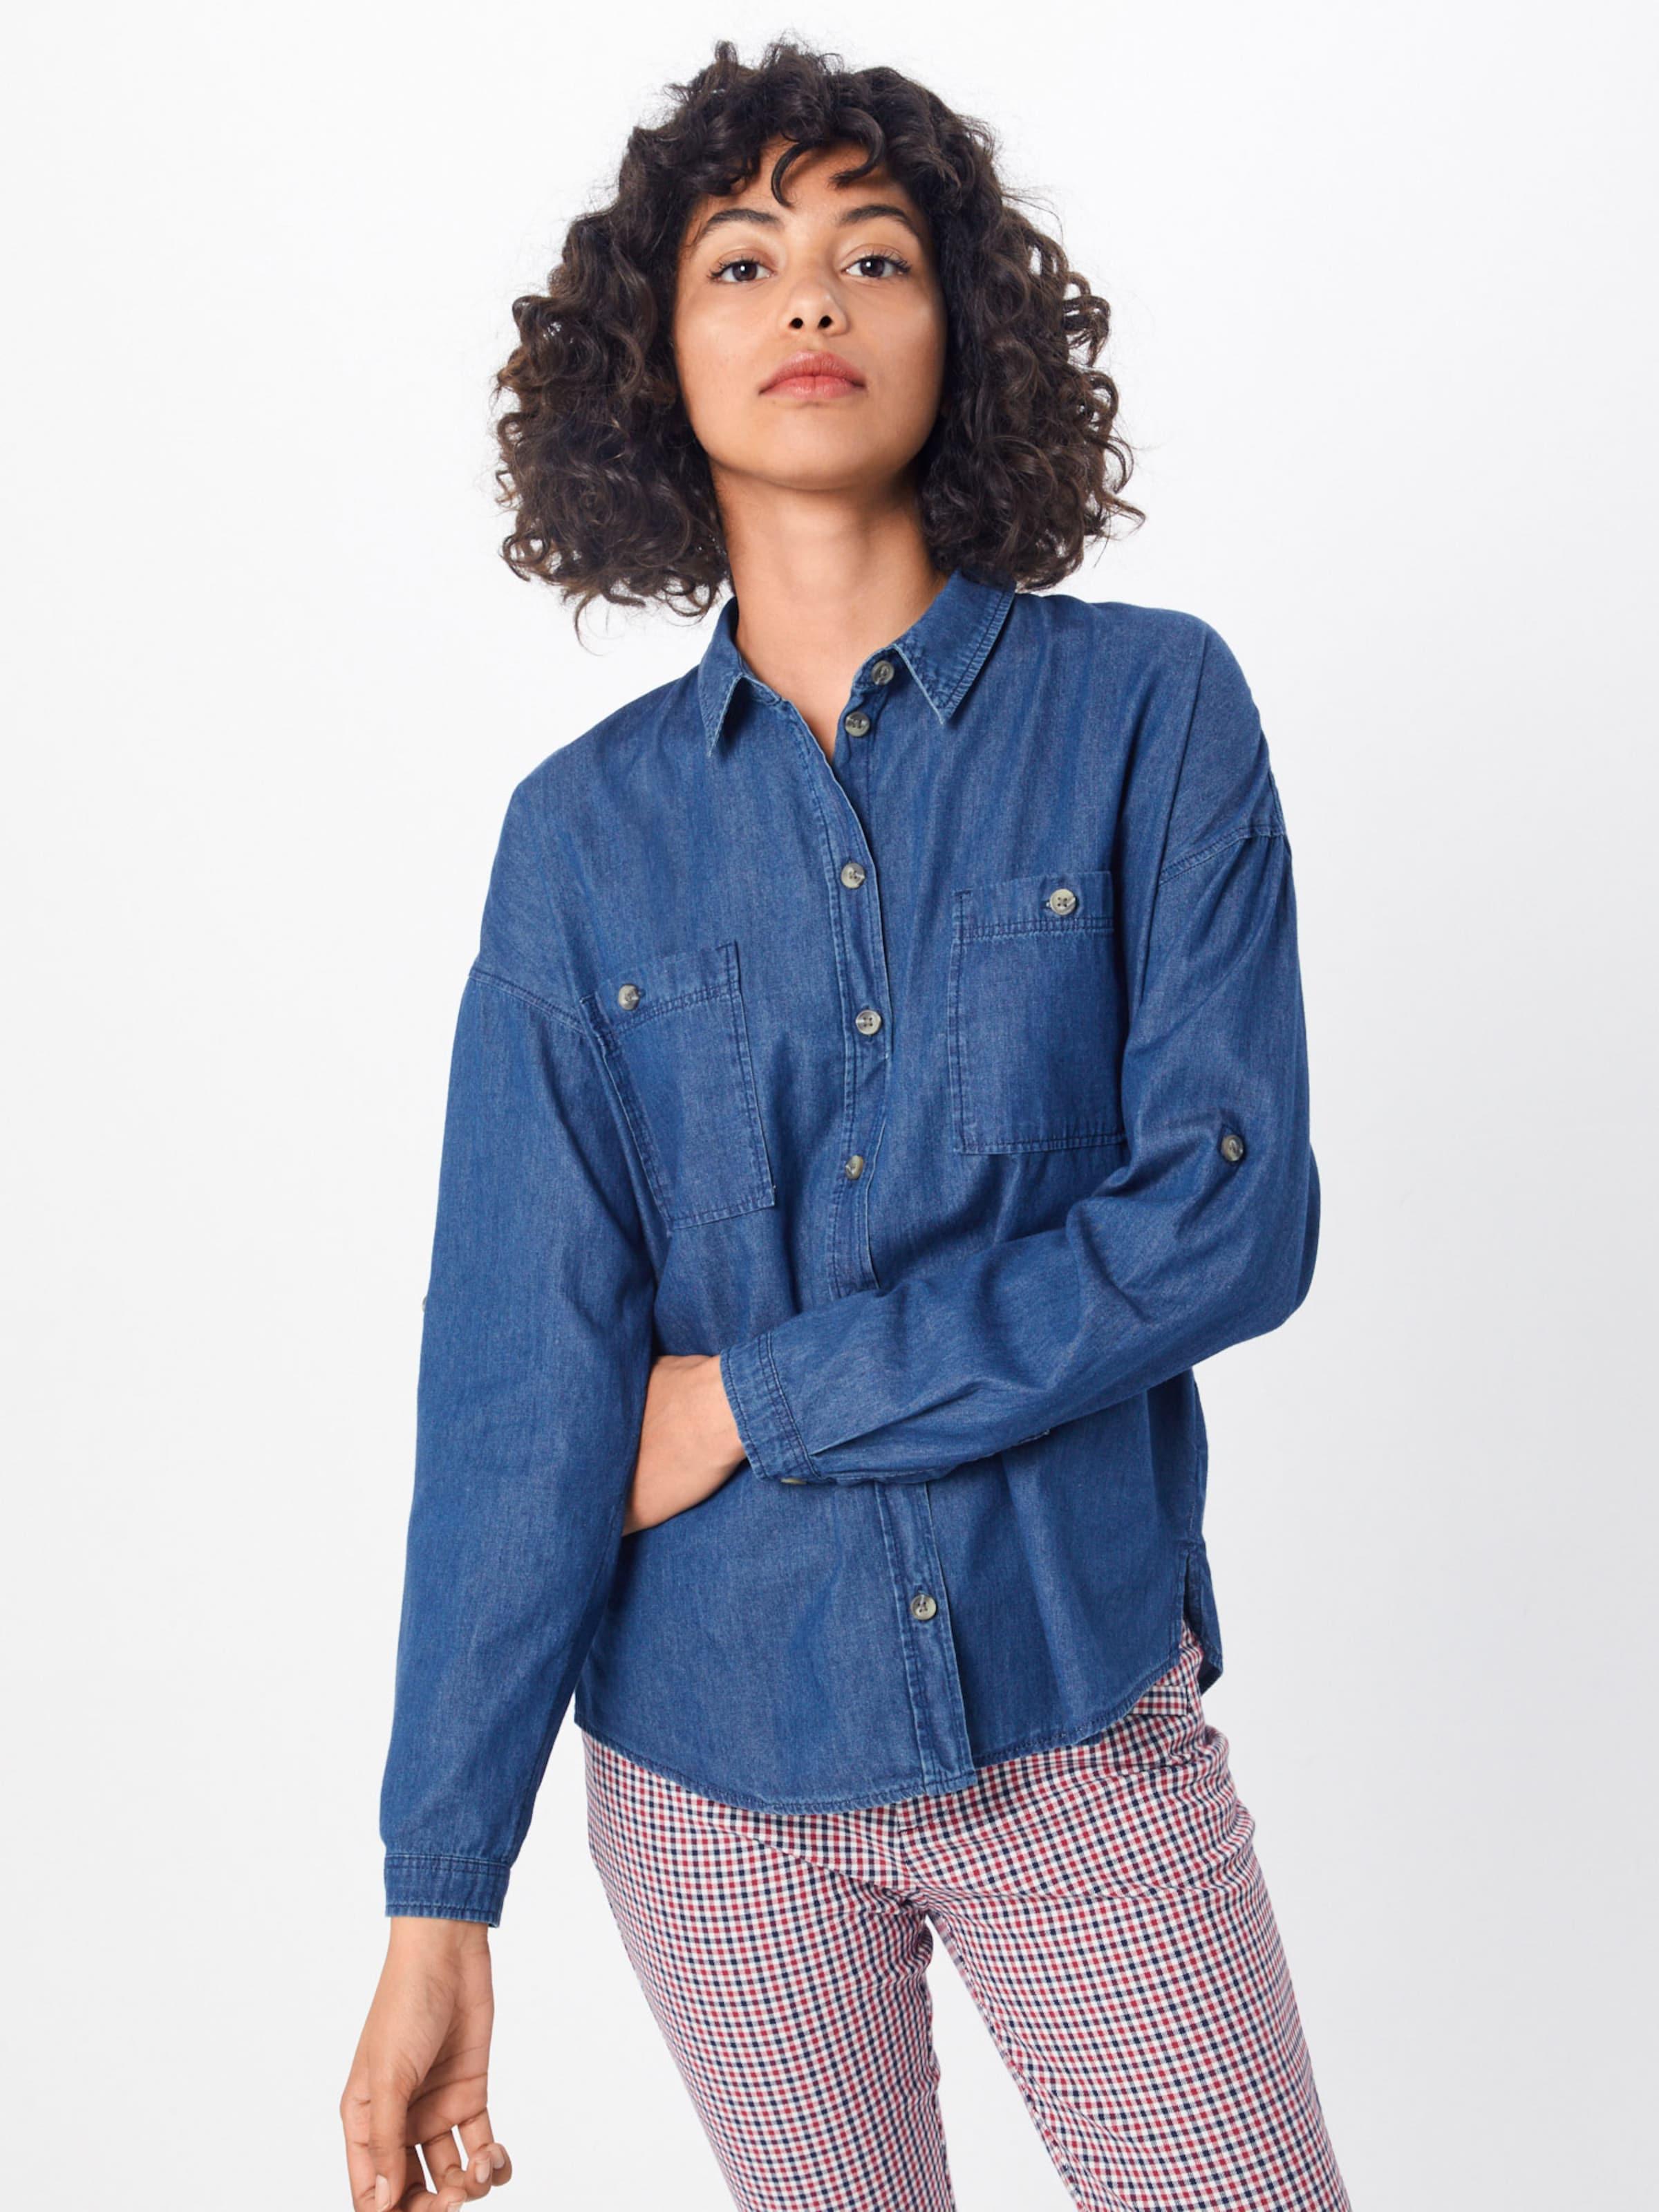 Denim Blue Tom In Tailor Bluse I6bfyv7Yg